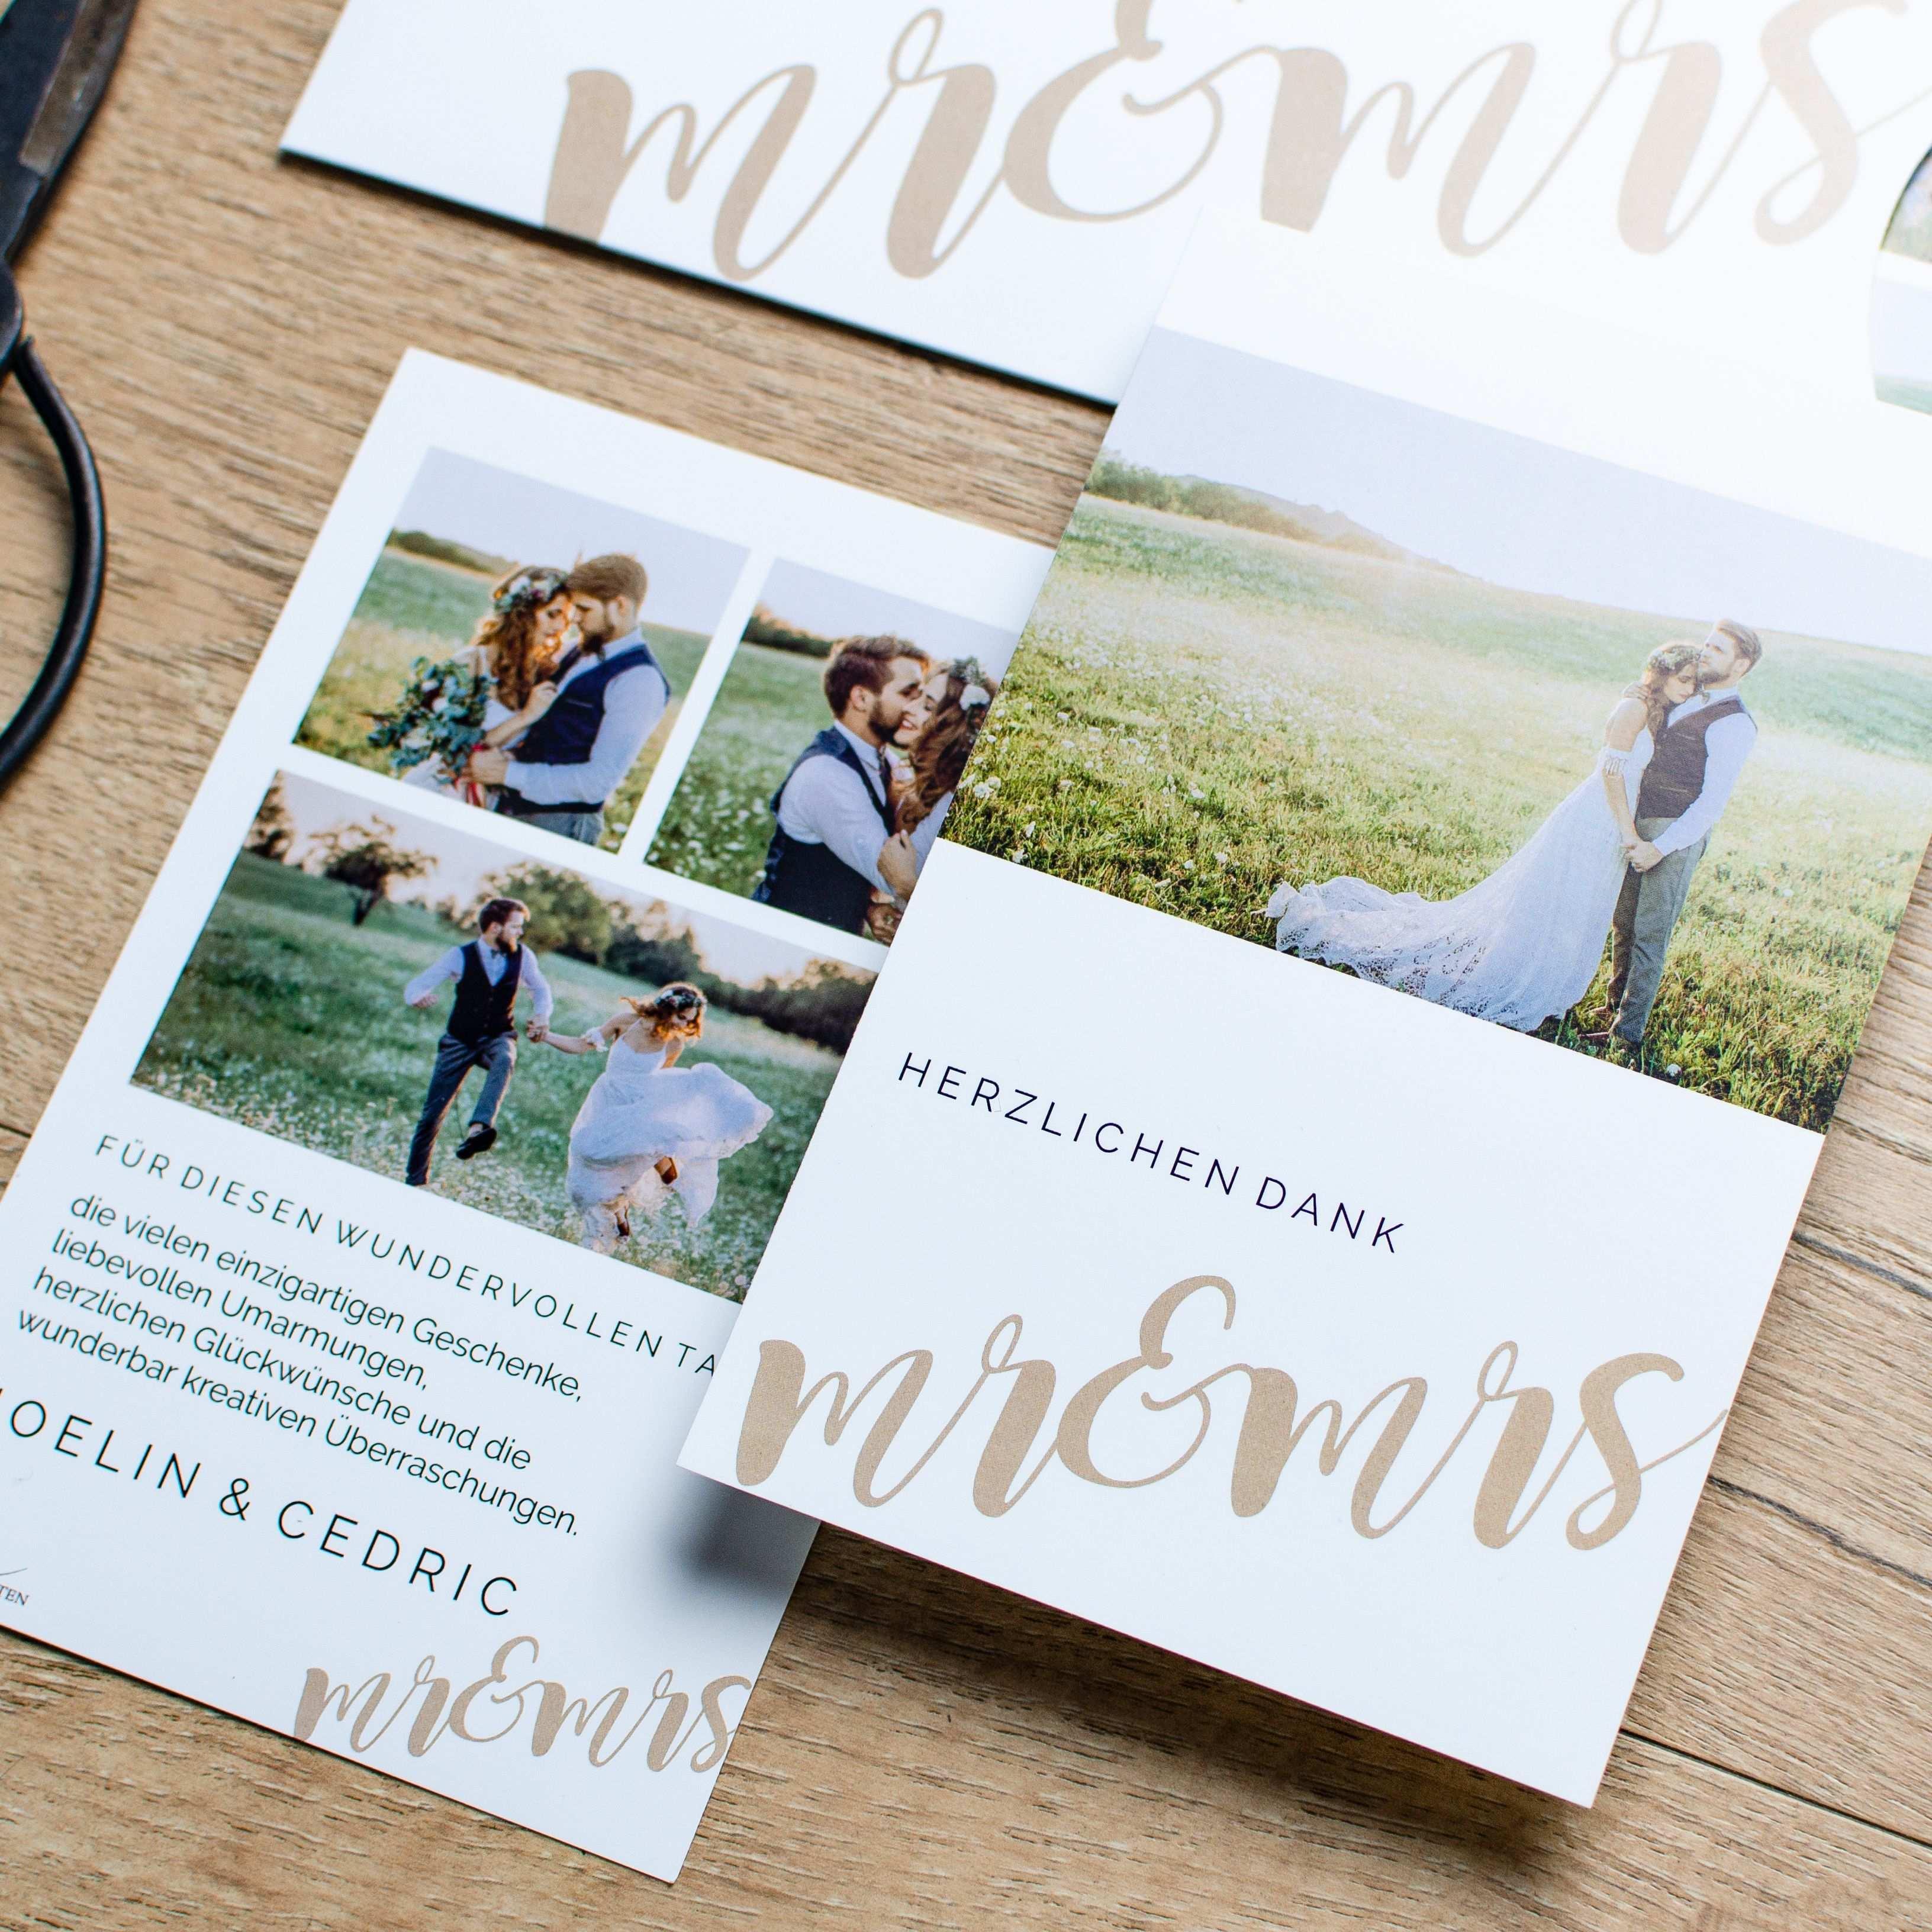 Joelin Und Cedric Mit Bildern Danksagung Hochzeit Hochzeit